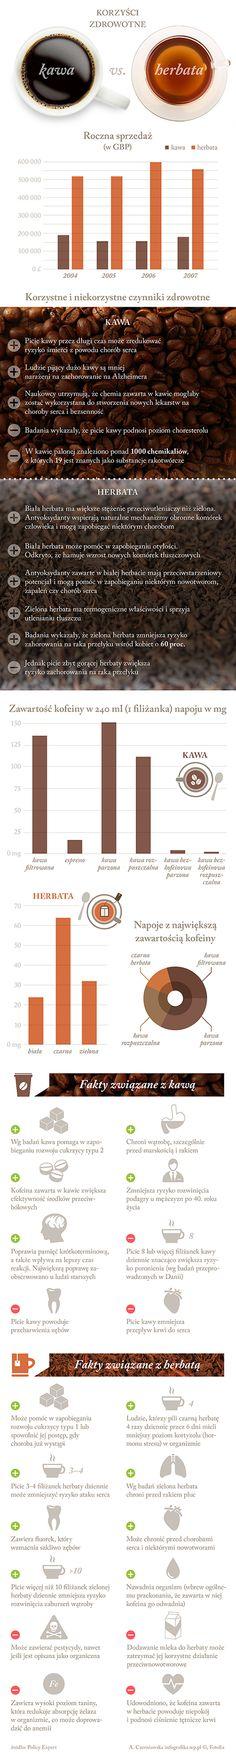 Jak wynika ze statystyk, w wyścigu o ulubiony napój Polaków wciąż wygrywa herbata. Rozsmakowaliśmy się w zielonej odmianie, czerwoną kojarzymy z odchudzaniem, a białą z wyrafinowanym smakiem. Jednak, gdy chcemy się obudzić, kawa okazuje się nieodzowna. Który napój korzystniej wpływa na zdrowie? Jakie są plusy i minusy ich spożycia?